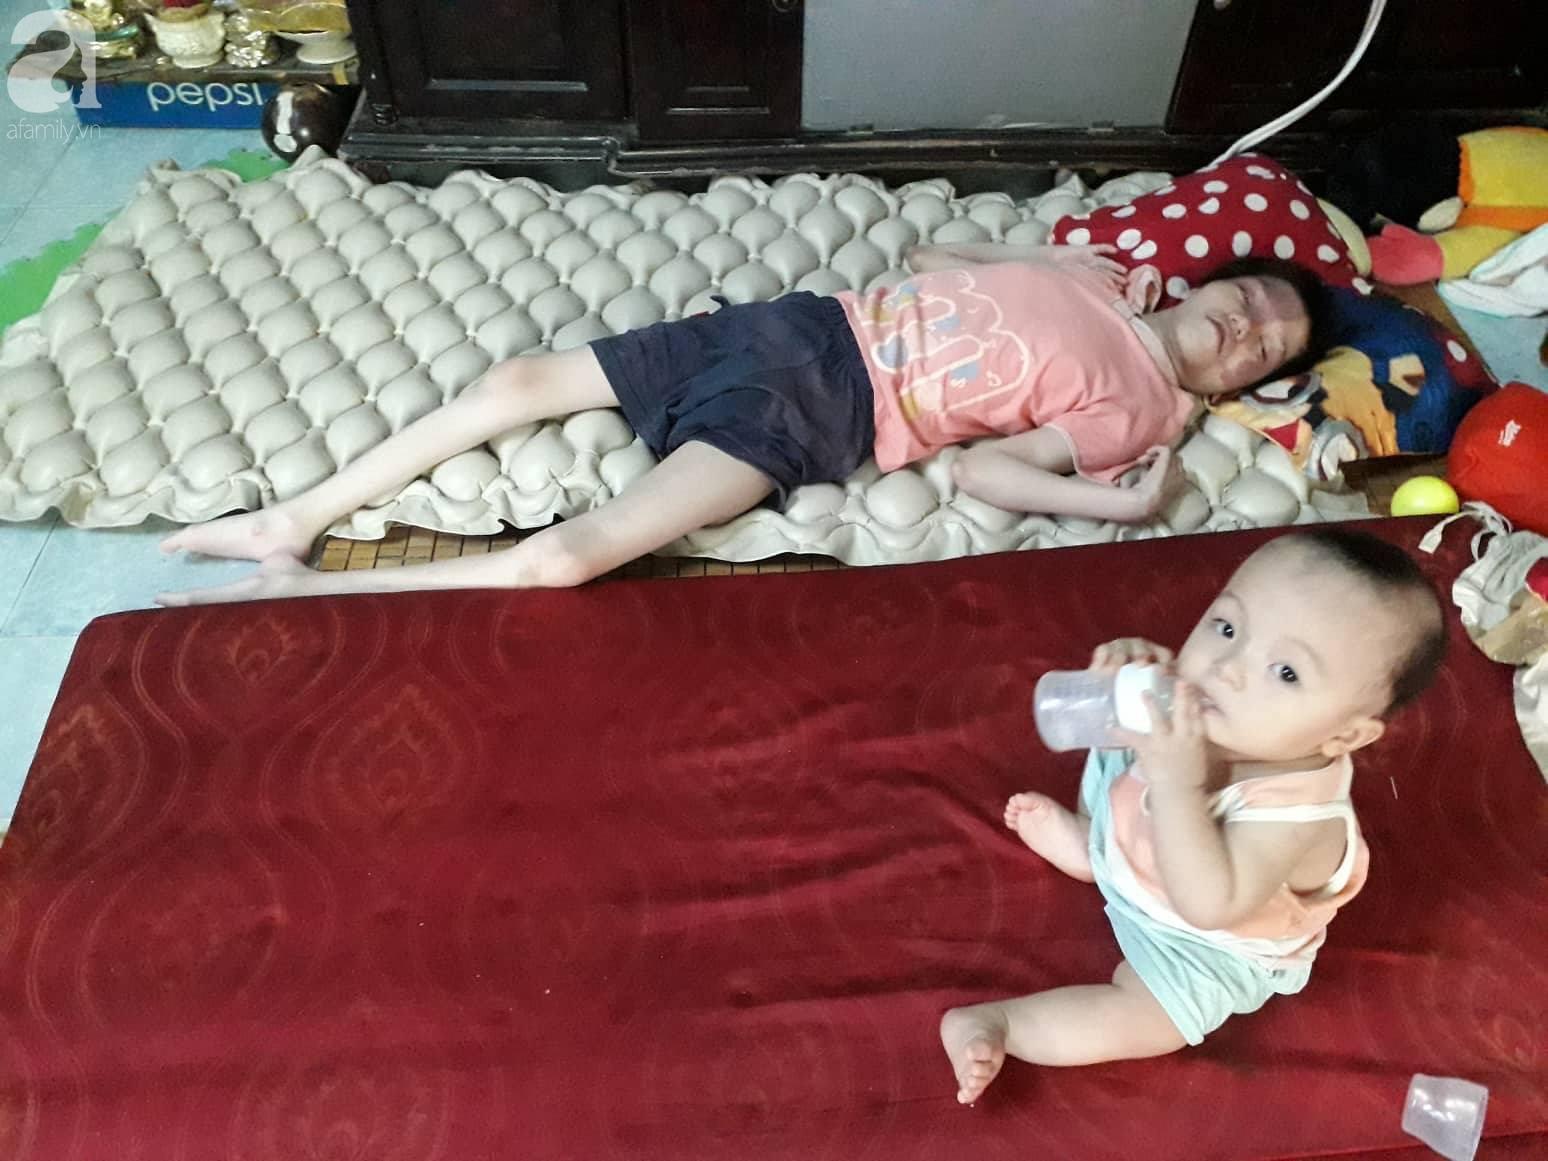 Đà Nẵng: Người mẹ nghèo nuôi 3 con thơ nheo nhóc, bất lực nhìn con gái 15 tuổi co giật vì bệnh u máu quái ác - Ảnh 5.